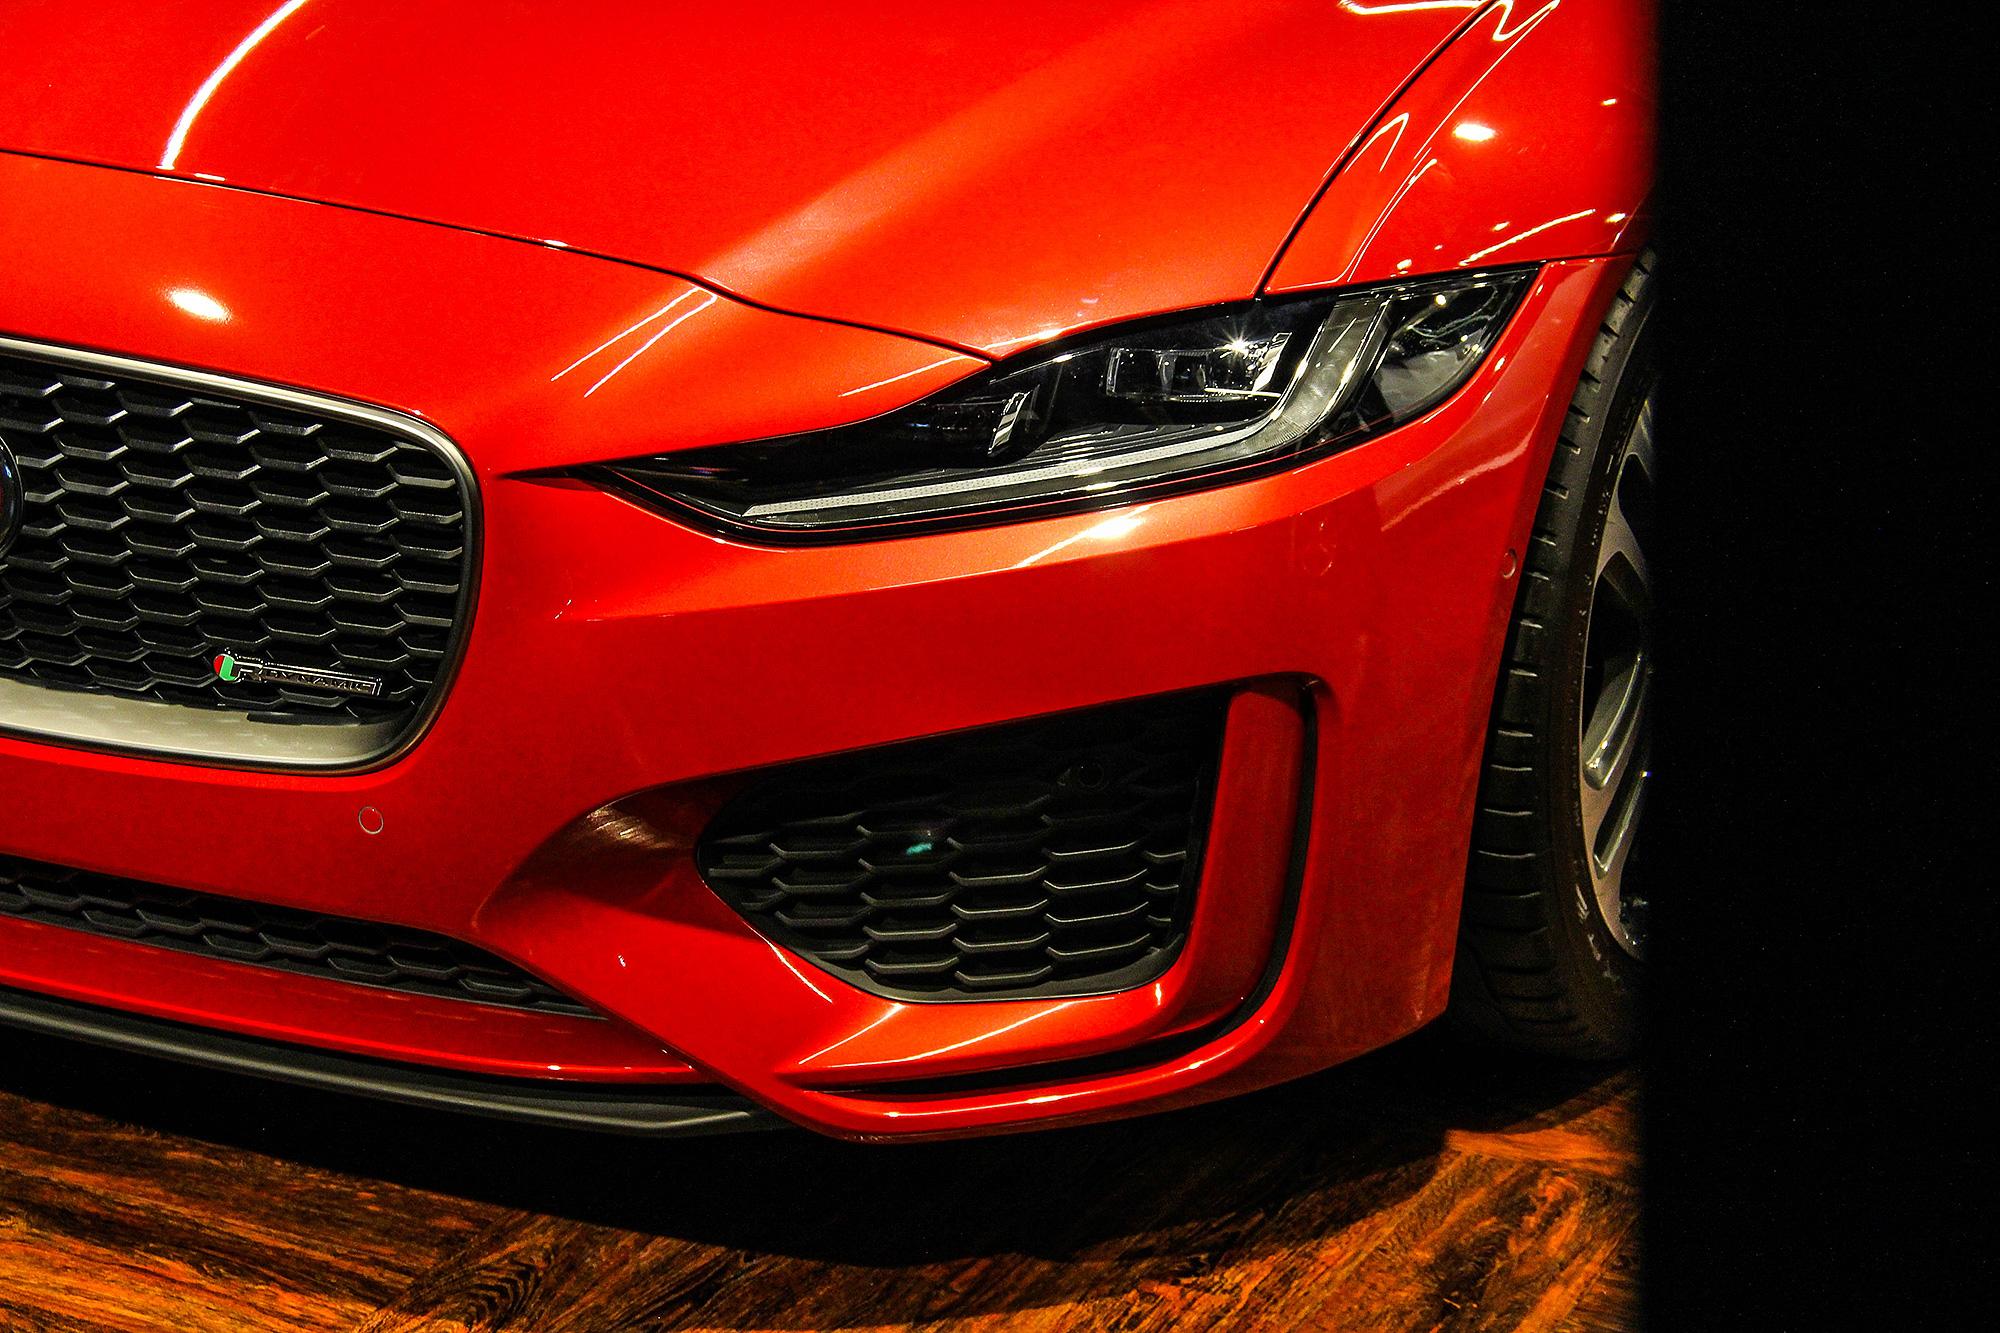 頭燈與車頭造型細節的修飾,為小改款 XE 外觀最明顯之處。